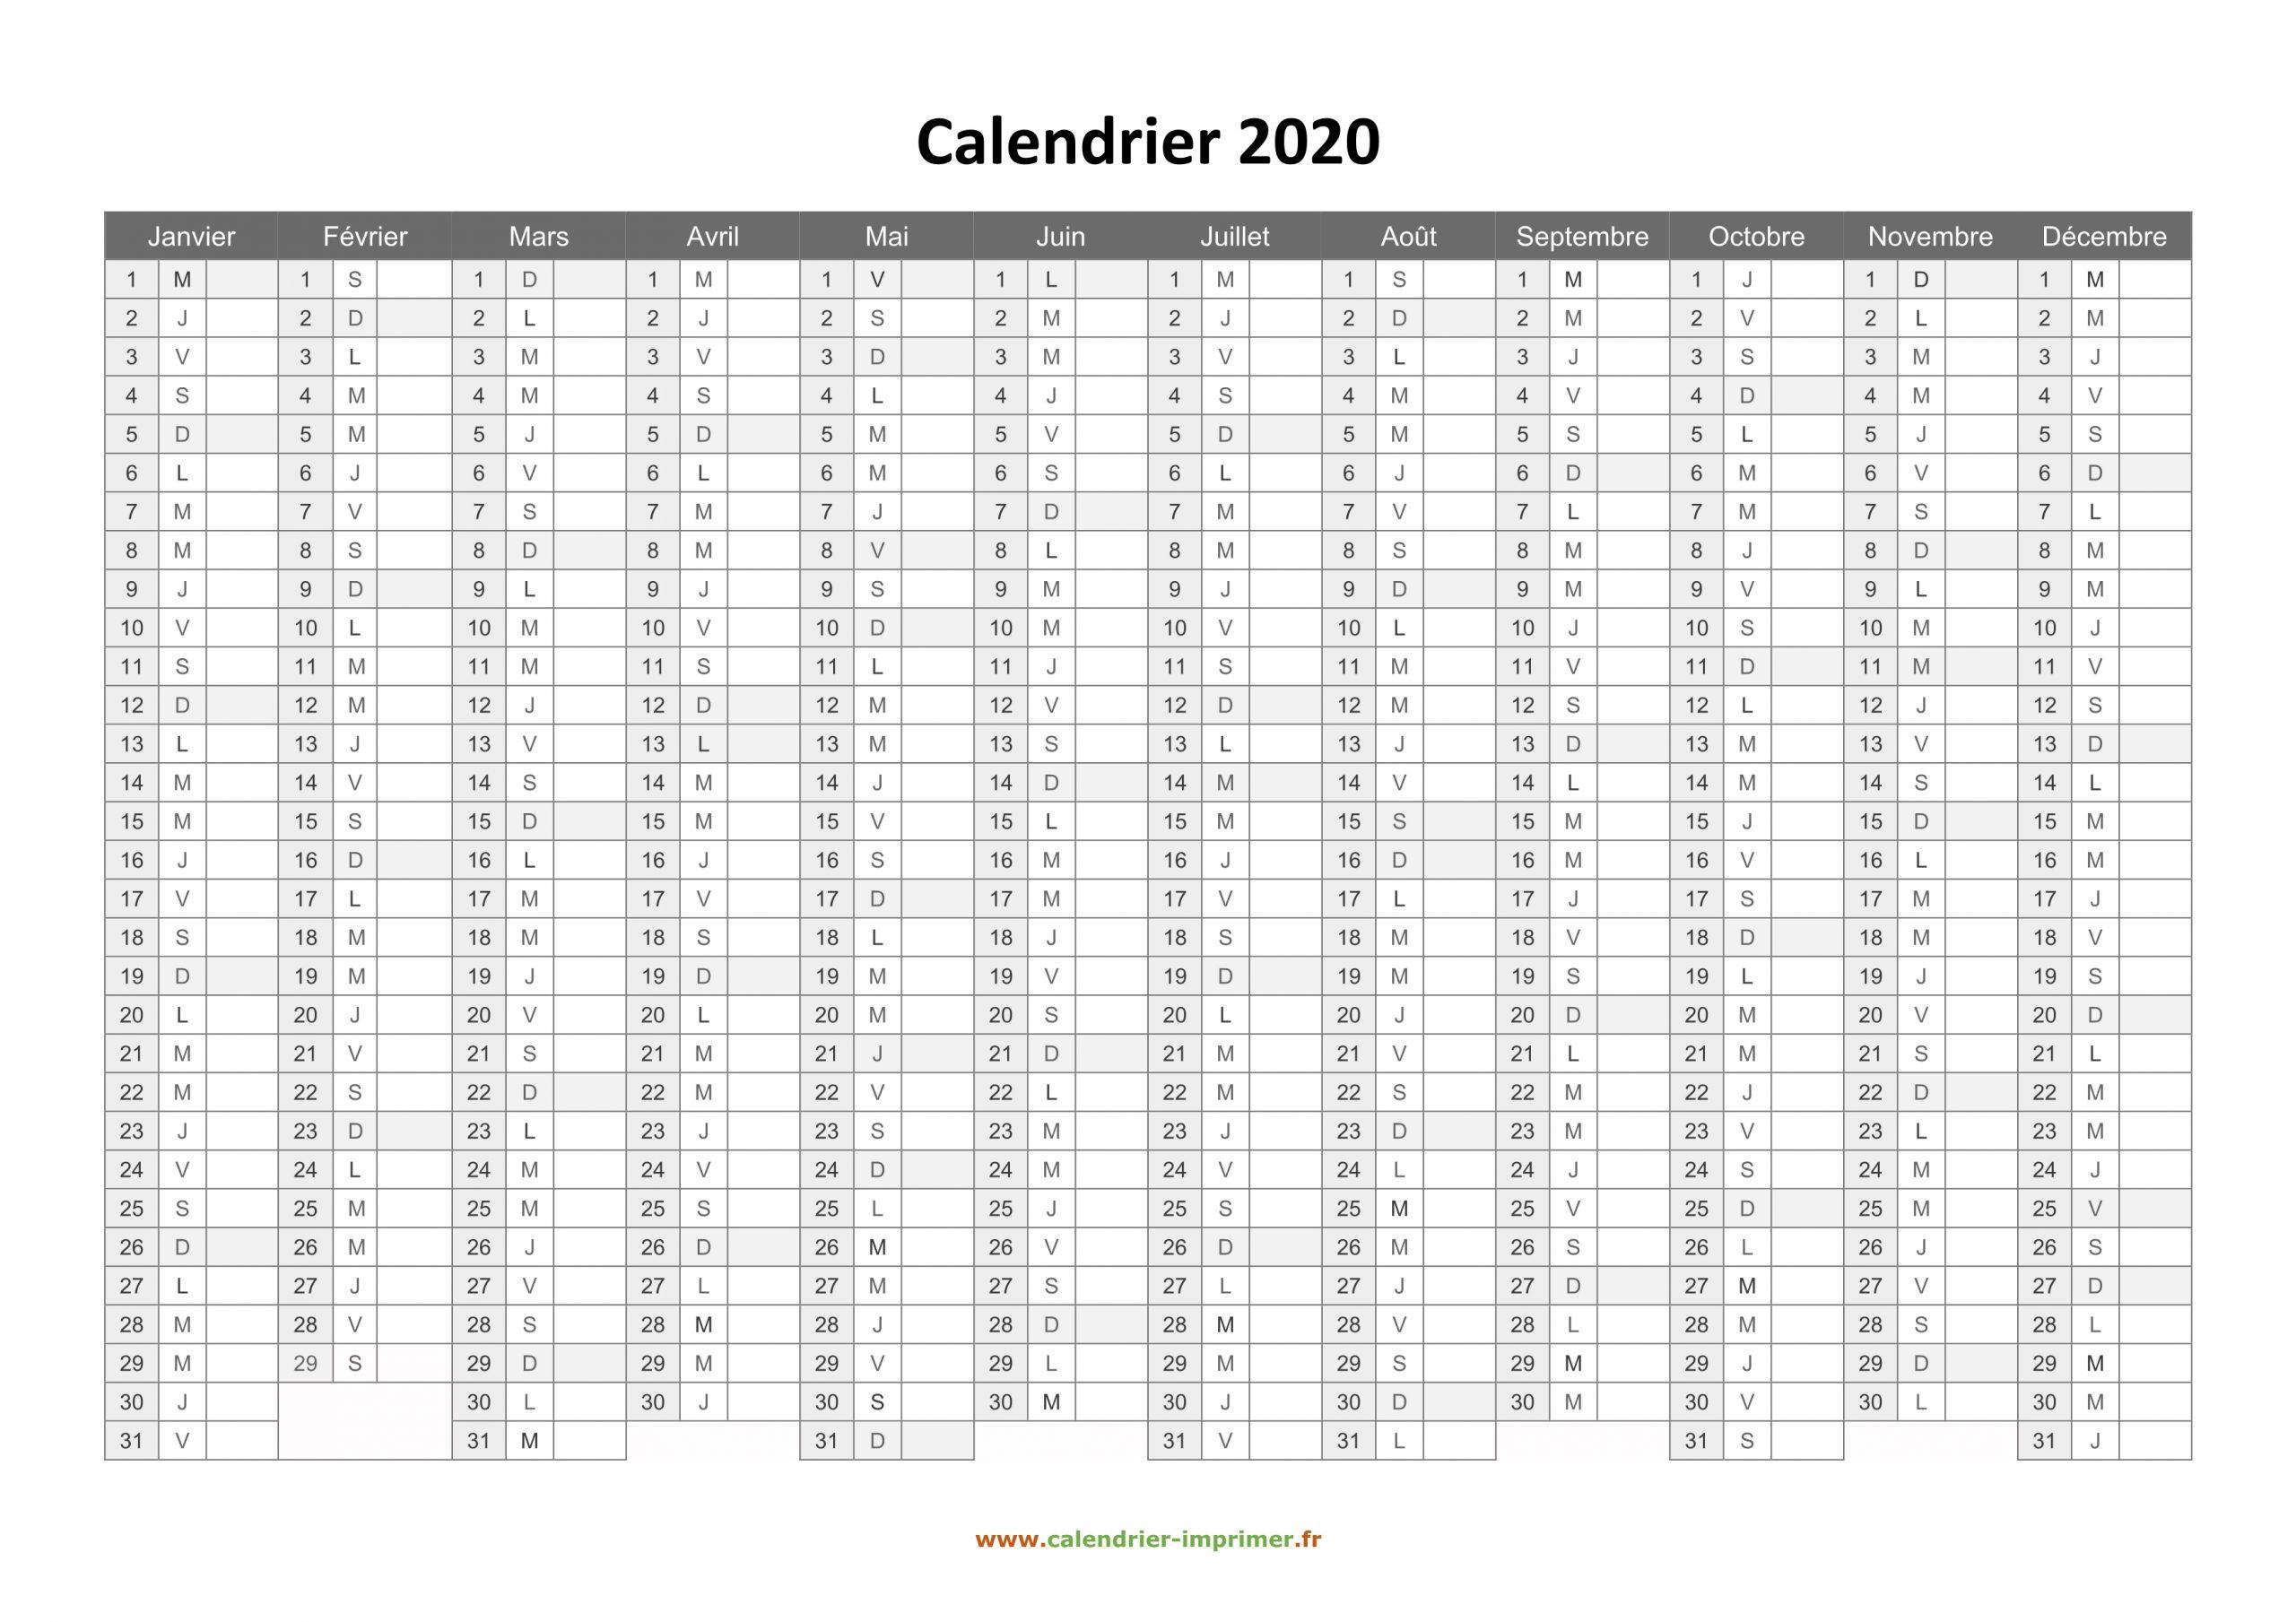 Calendrier 2020 À Imprimer Gratuit concernant Calendrier Annuel 2019 À Imprimer Gratuit